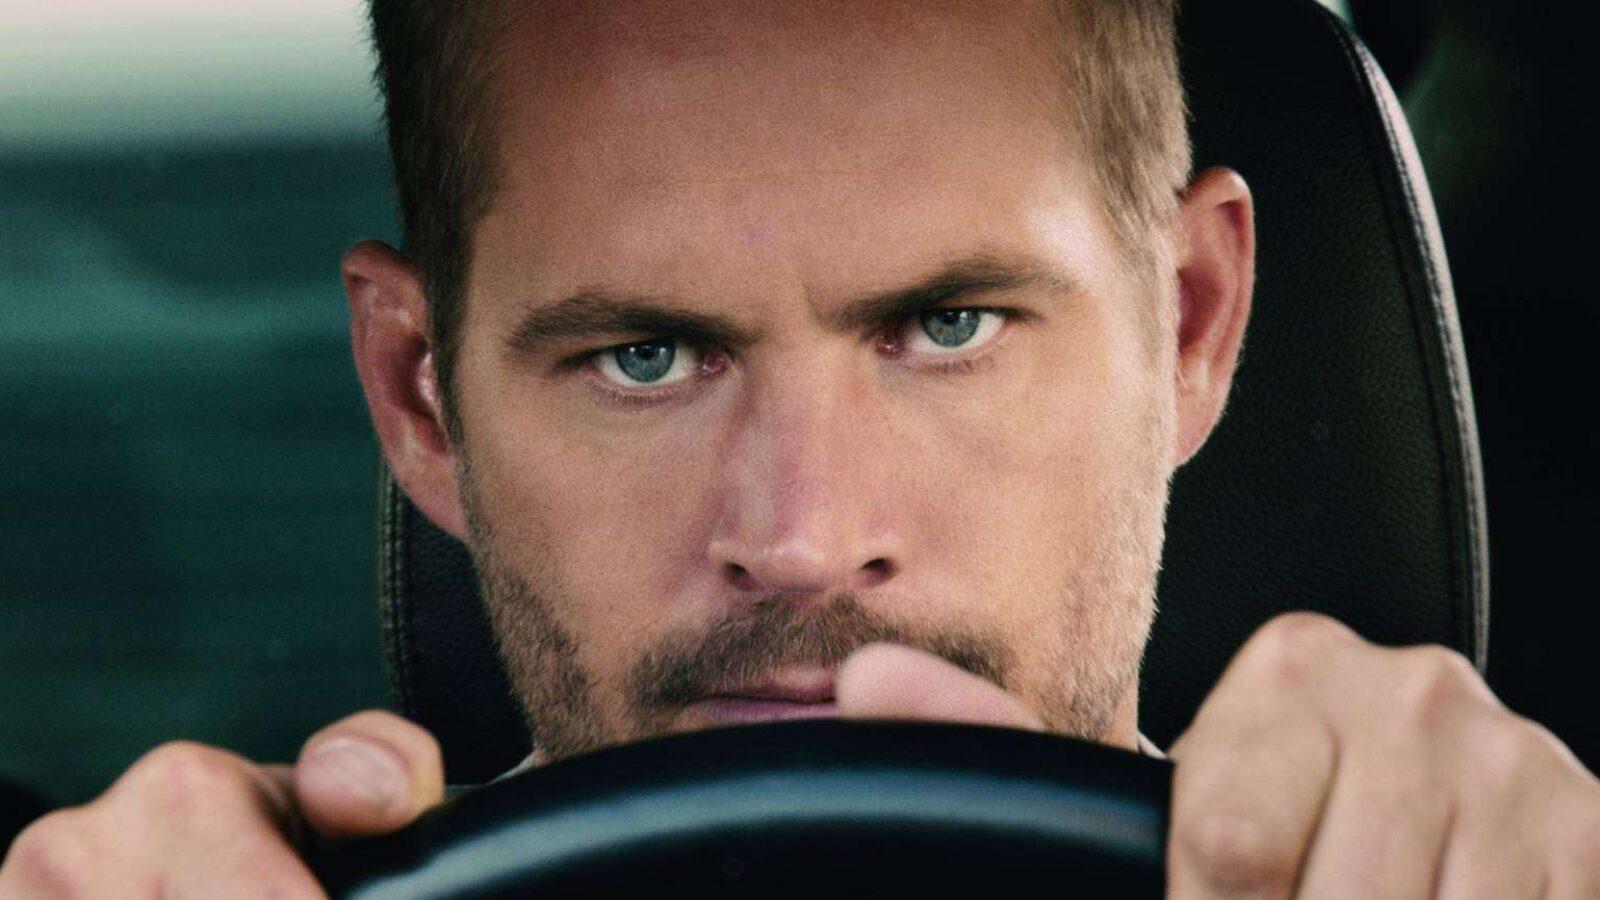 OXMOX Film-Tipp: Fast & Furious 7 – Zeit für Vergeltung